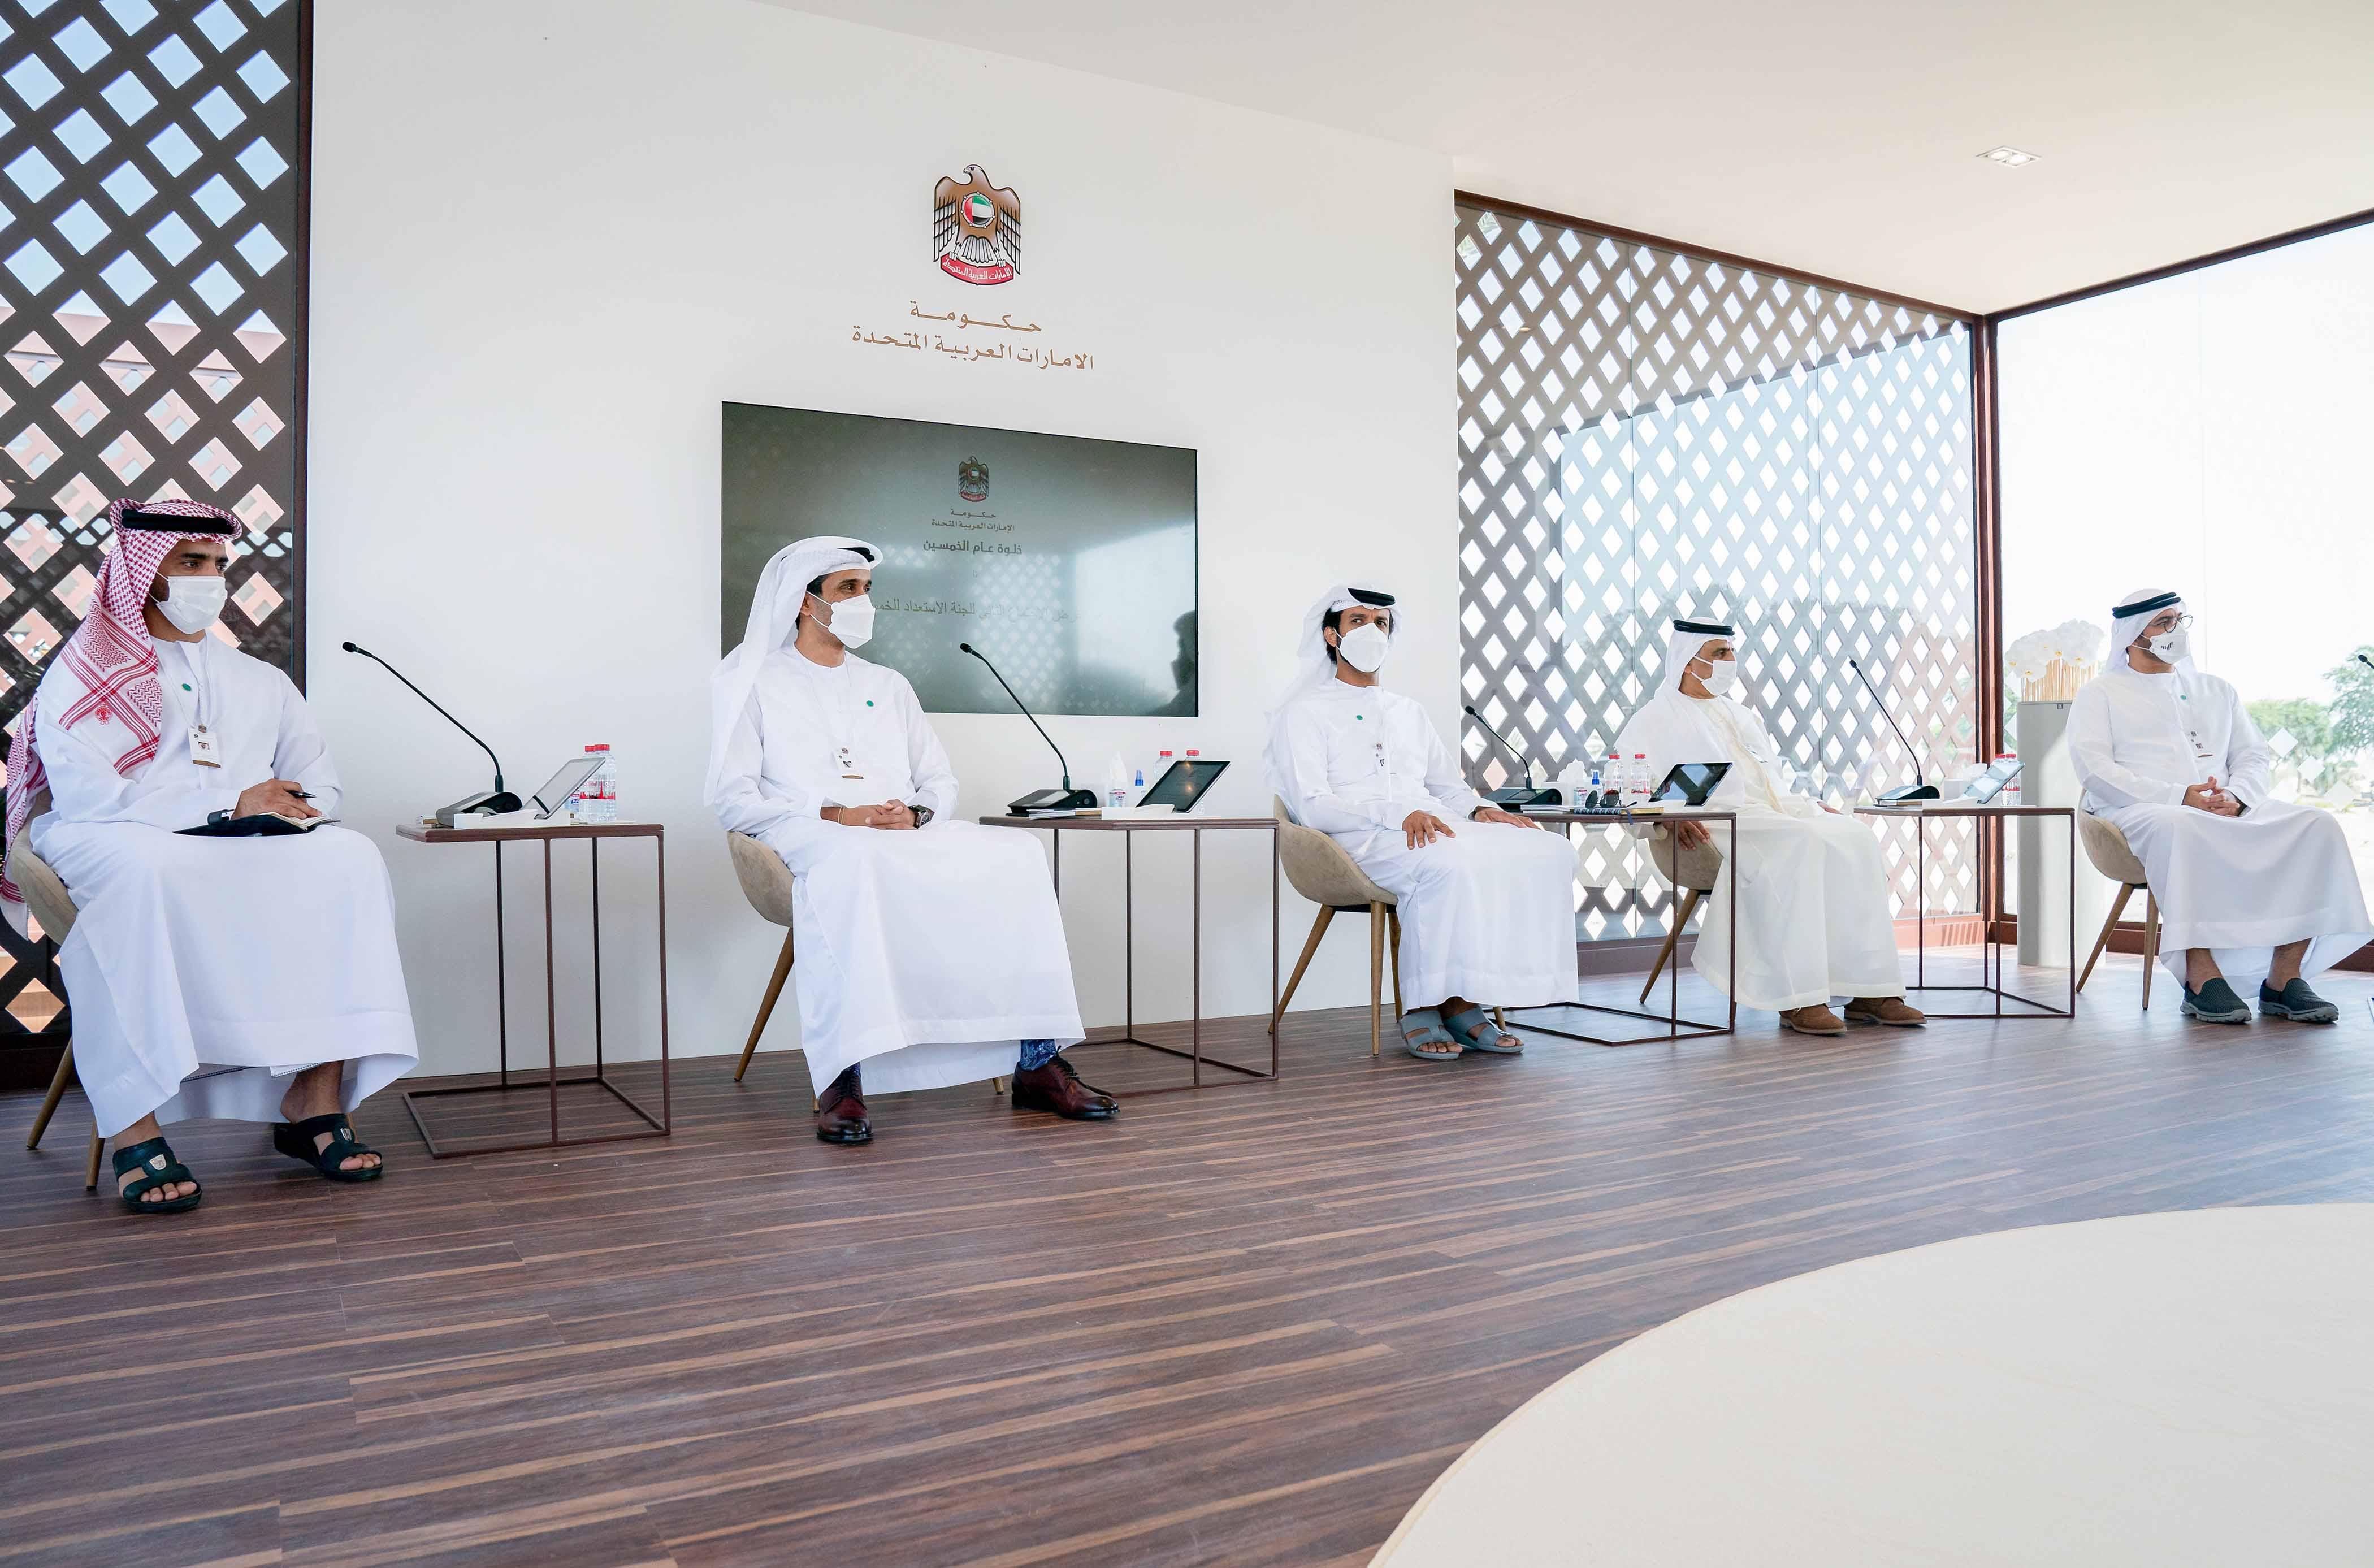 منصور بن زايد: دولة الإمارات تمضي بثقة نحو صناعة مستقبل أفضل لأبنائها خلال الخمسين عاماً المقبلة